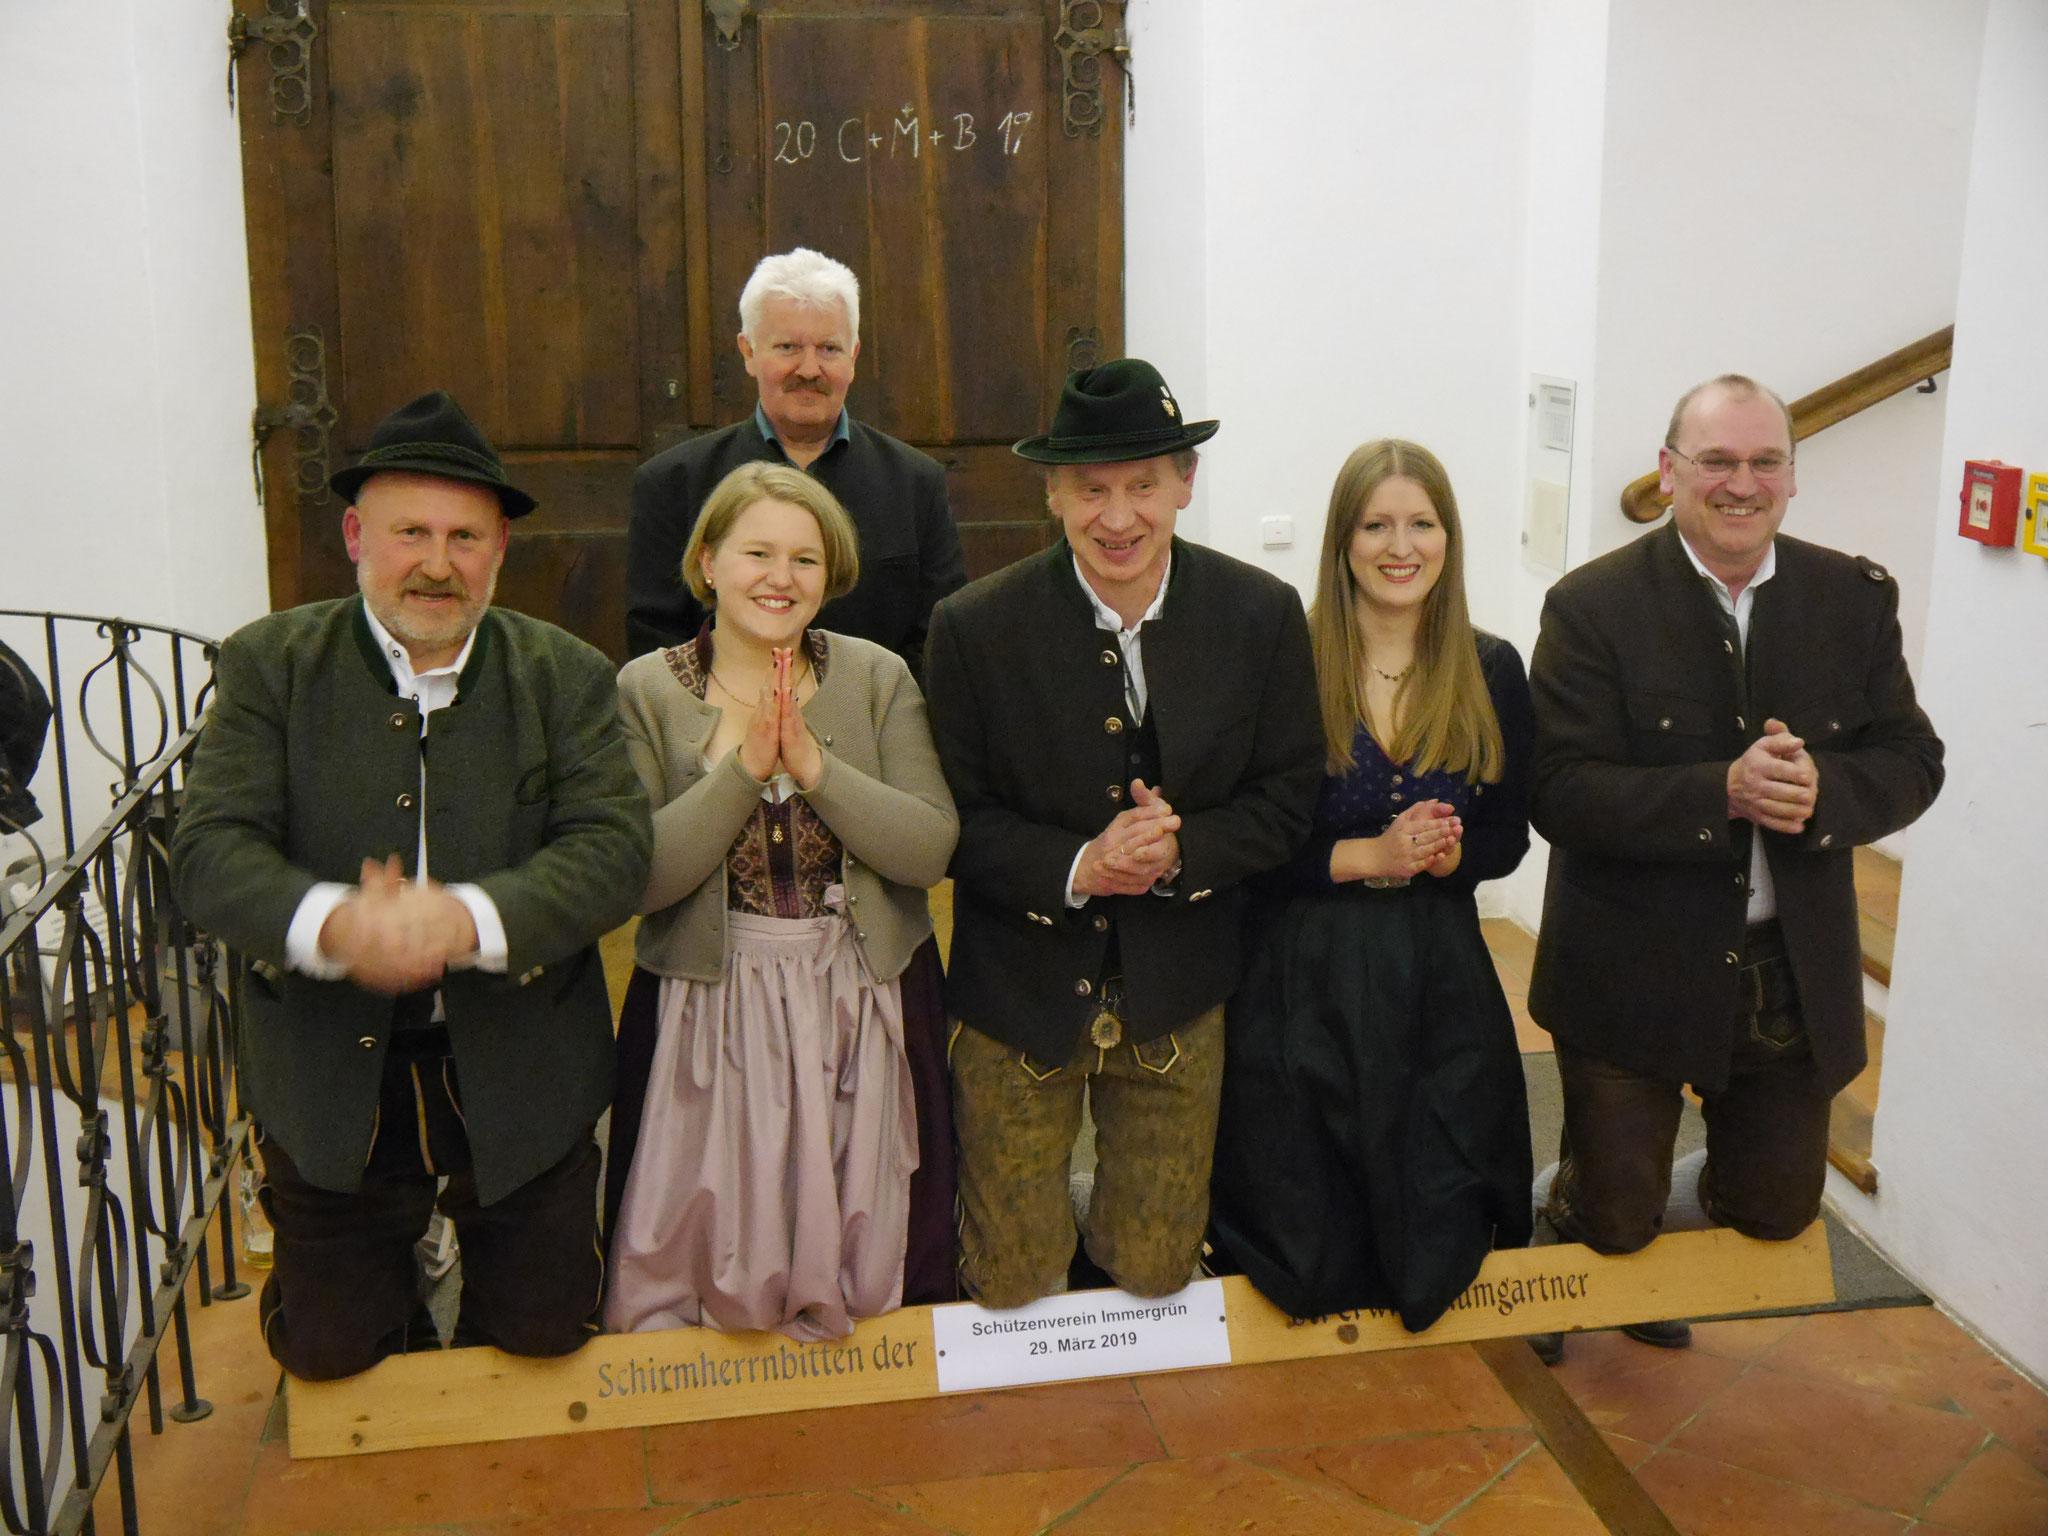 Scheitlknien v.l. Franz Heizinger, Jutta Hemm, Martin Huber, Christine Huber, Erwin Bichlmaier